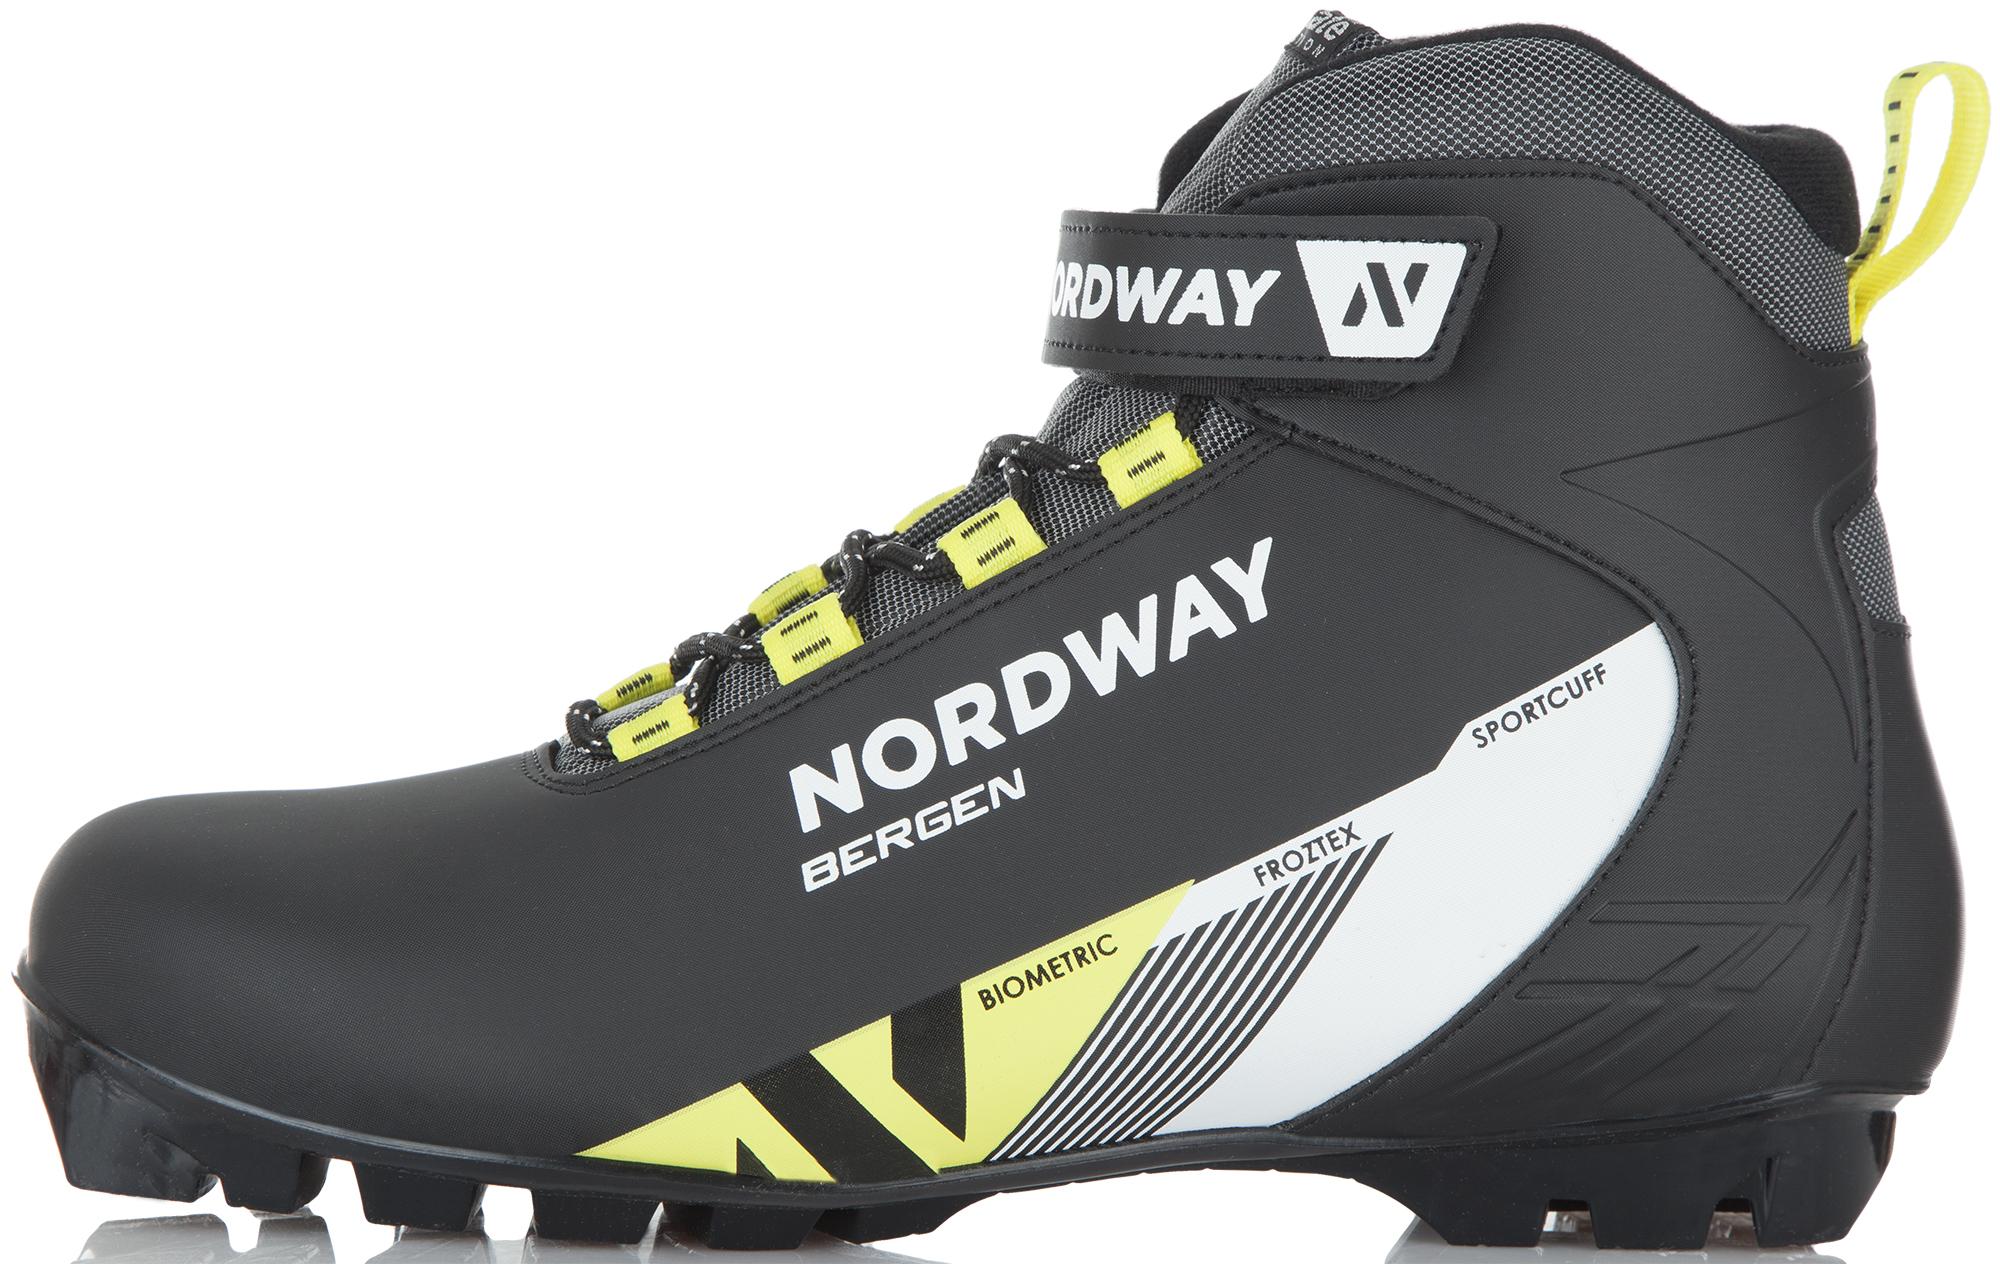 Nordway Ботинки для беговых лыж Nordway Bergen палки для беговых лыж женские nordway vega